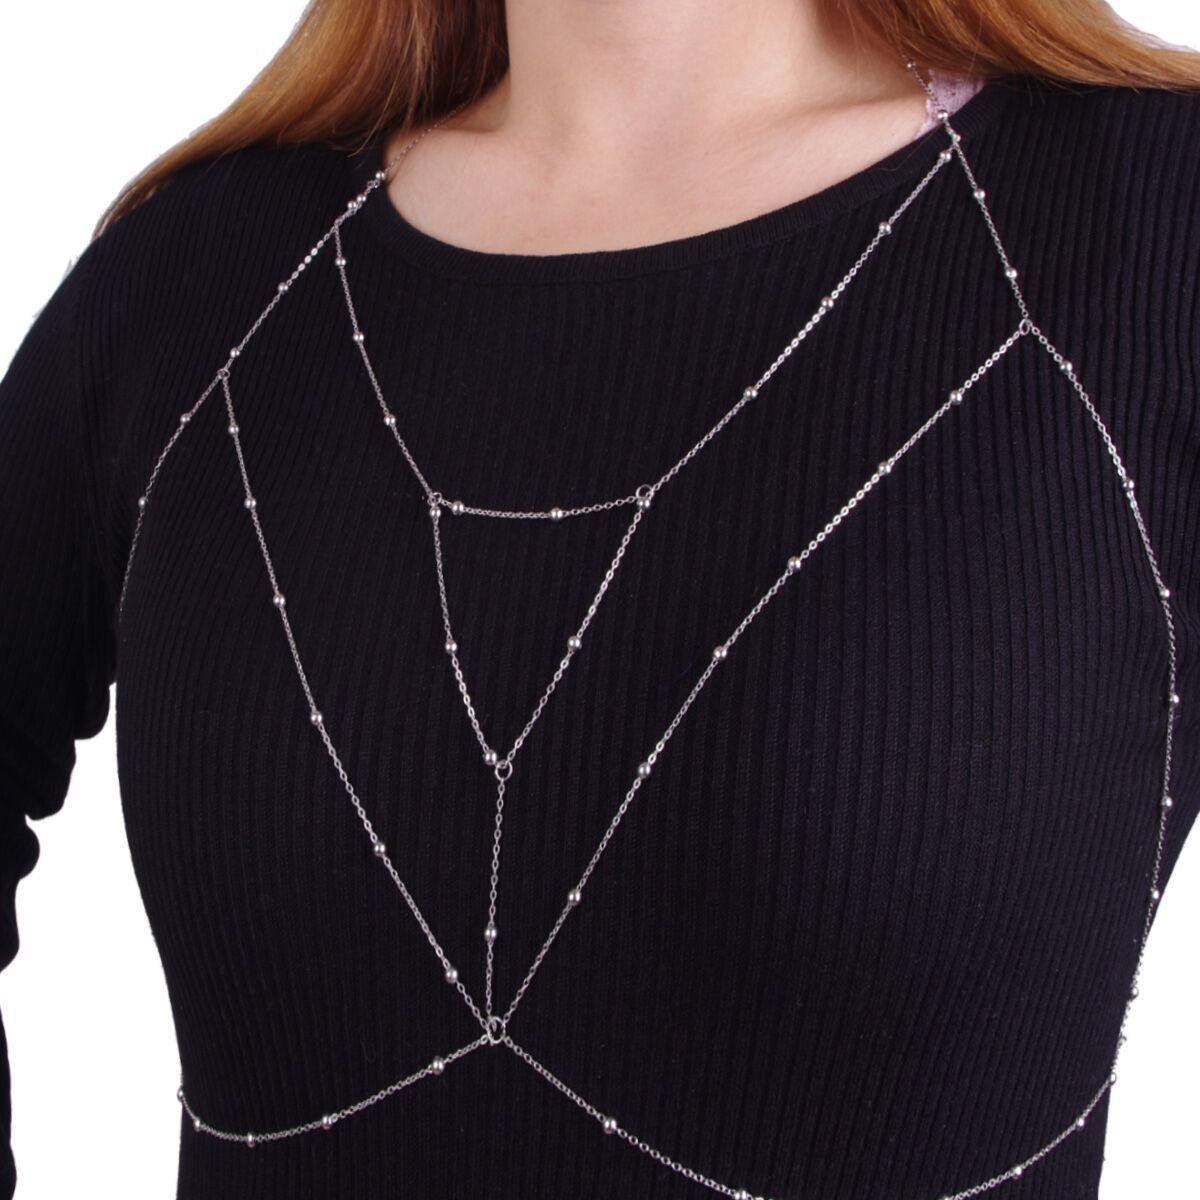 Chaîne de corps, accessoires de mode pour dames, Style créatif Simple et rétro, chaîne de poitrine en perles de cuivre